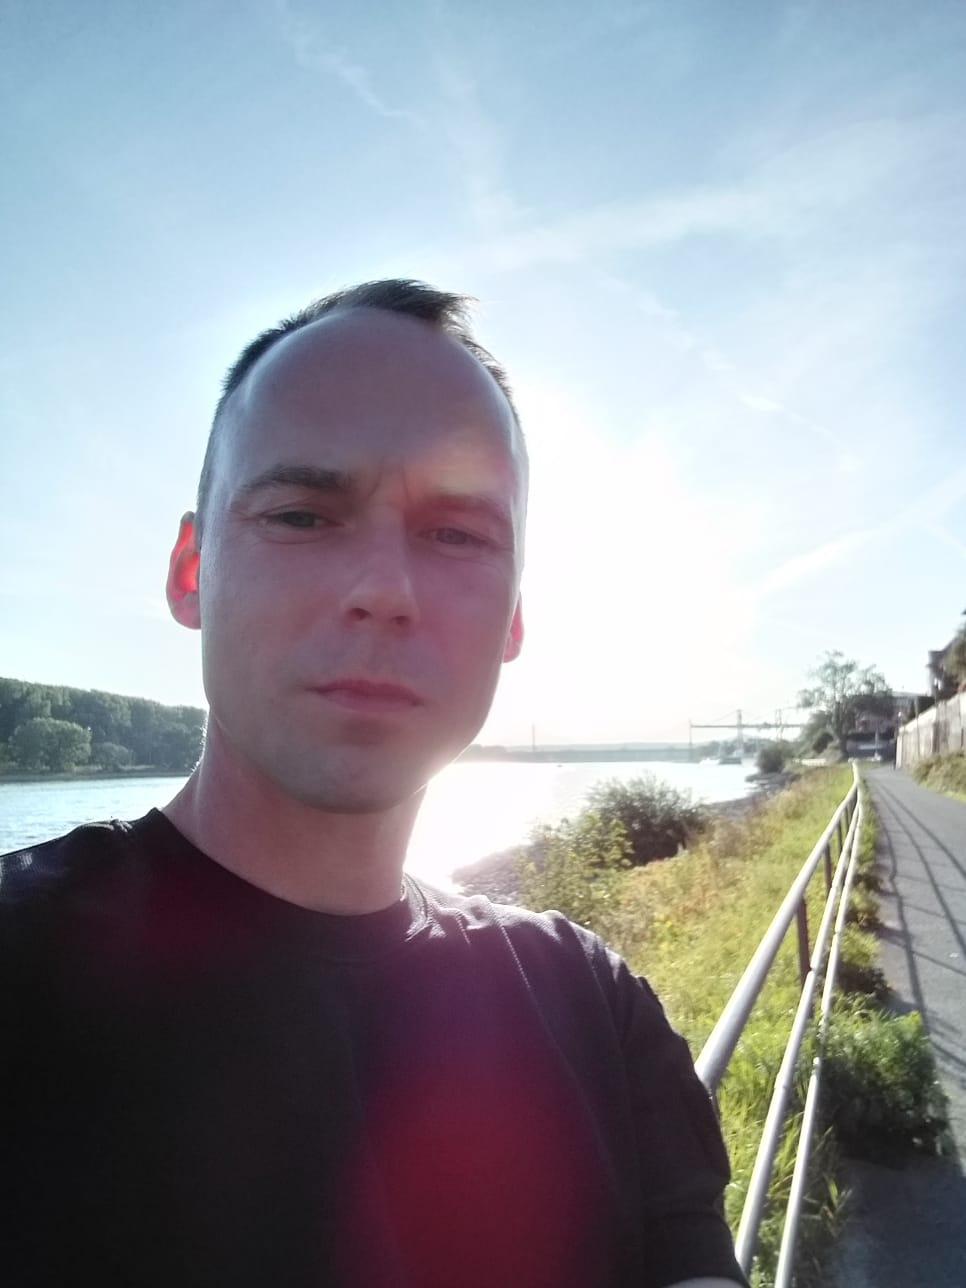 2019-09-19-1-Am-Rhein-04